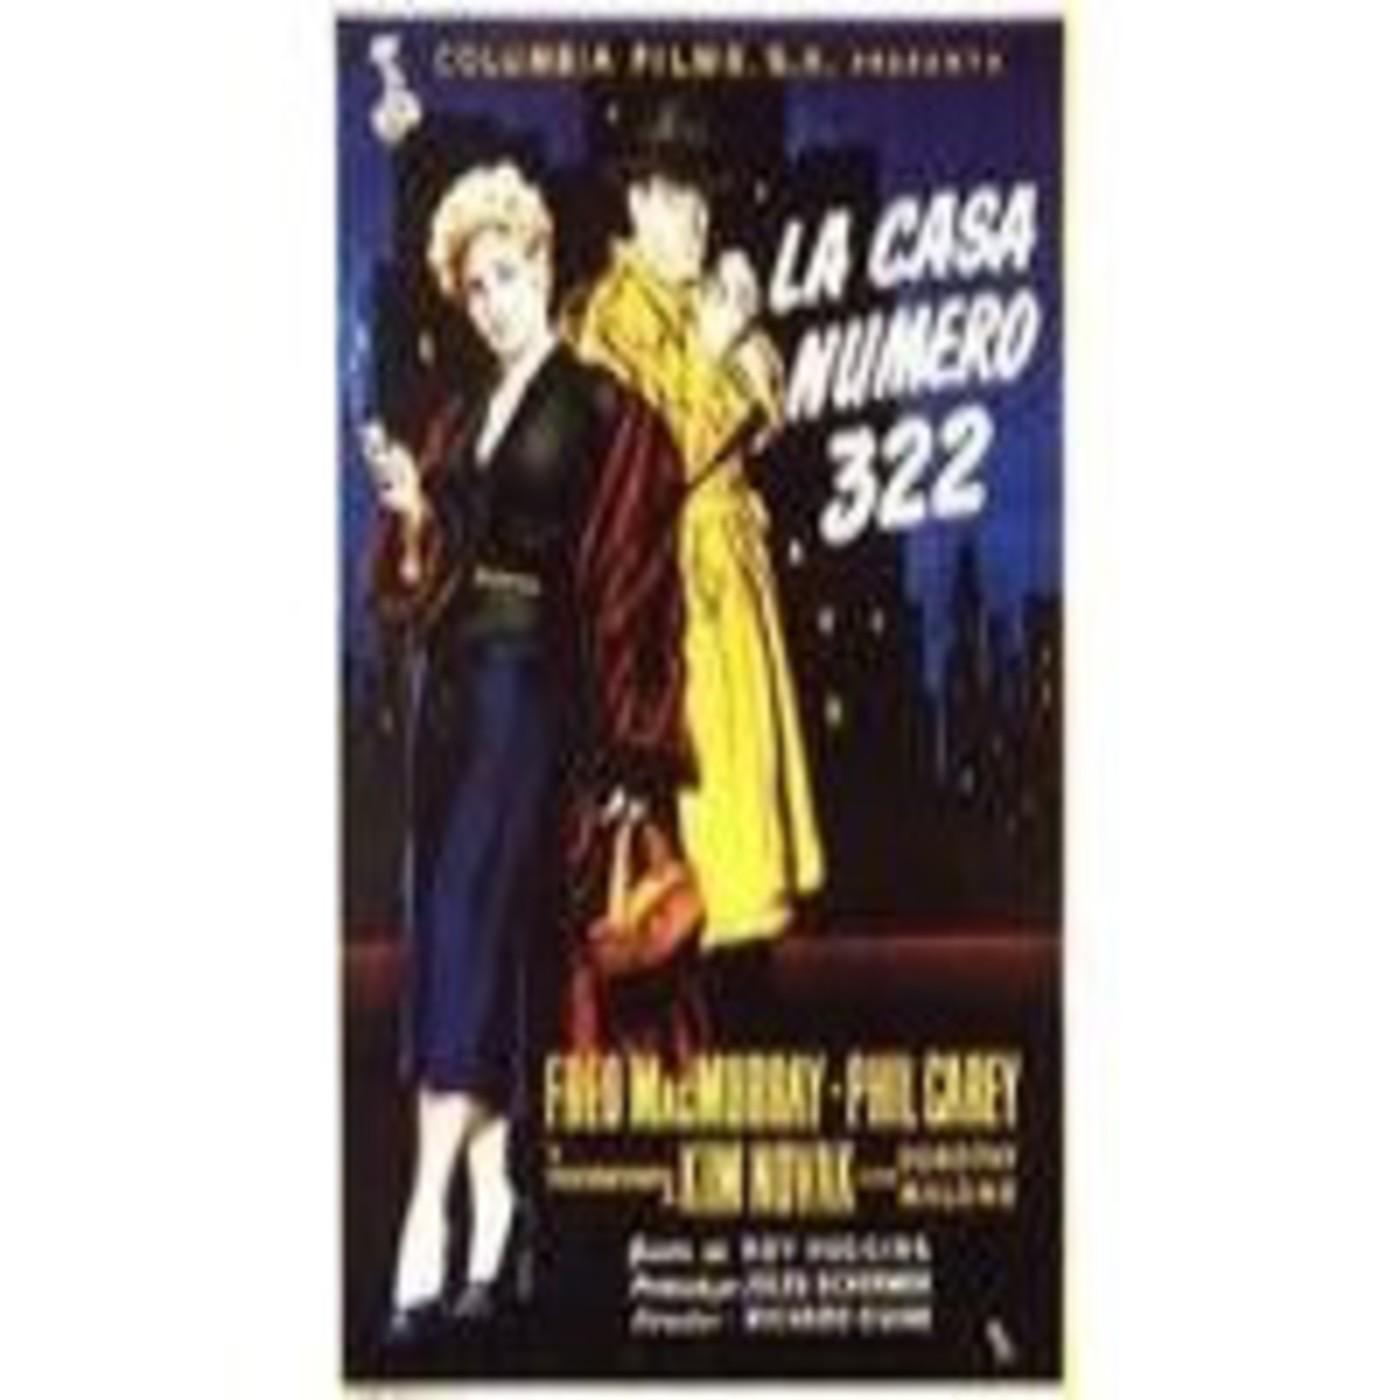 La Casa nº 322 (1954) QGEEC